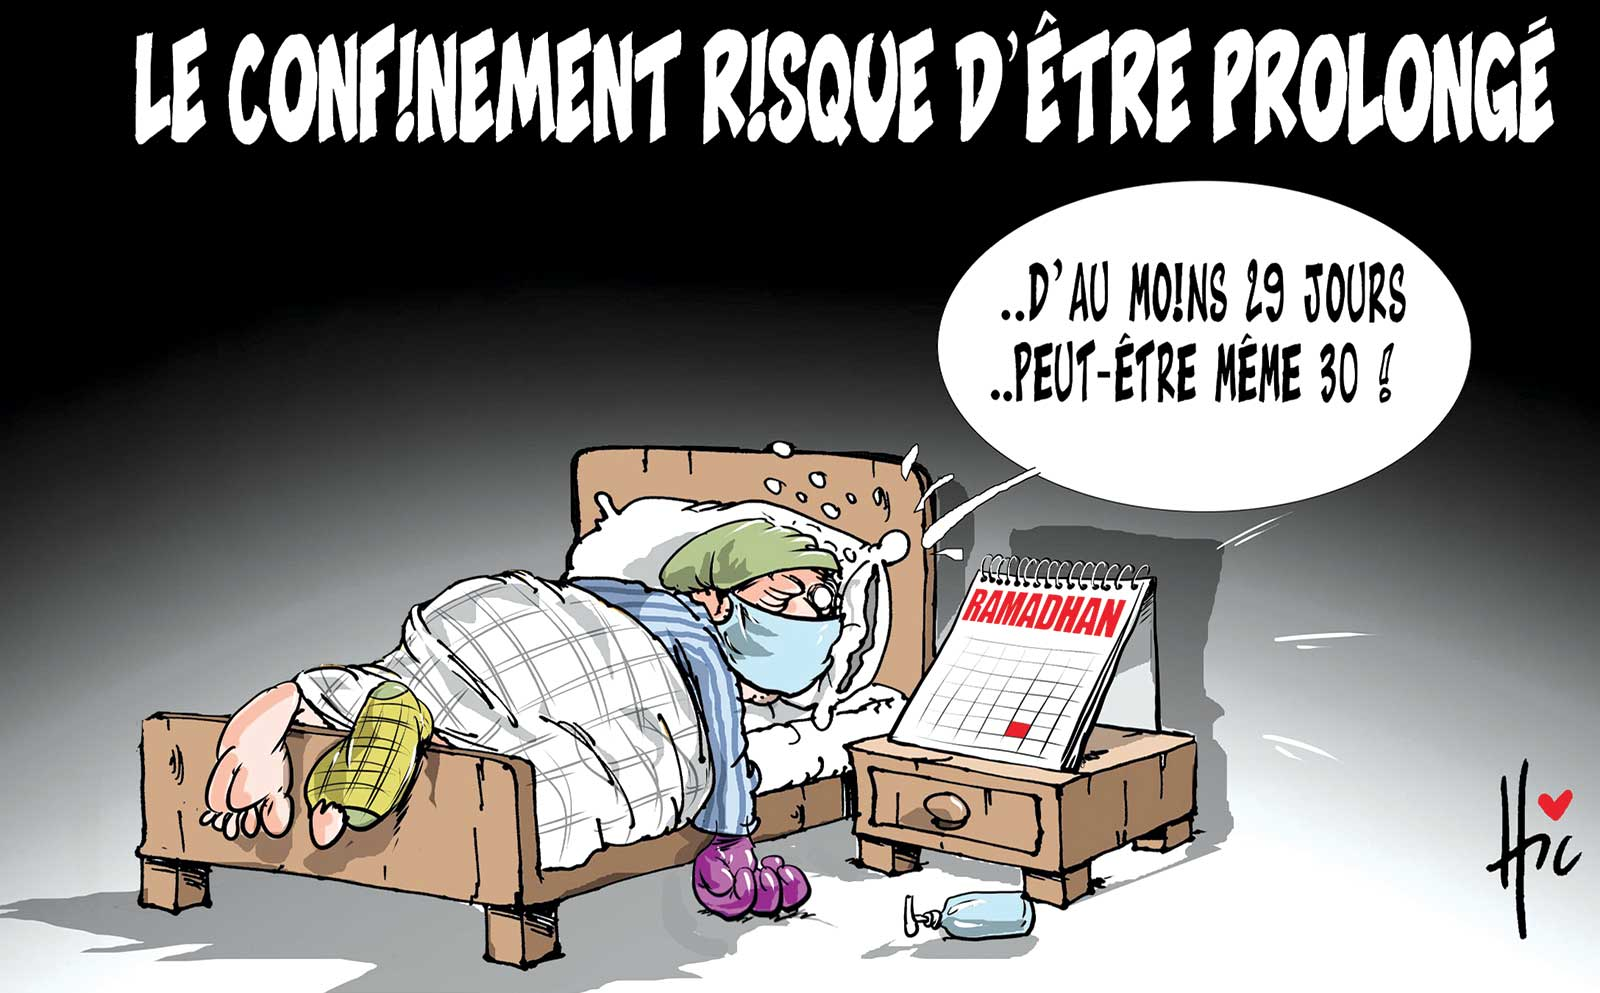 Le confinement risque d'être prolongé - Dessins et Caricatures, Le Hic - El Watan - Gagdz.com